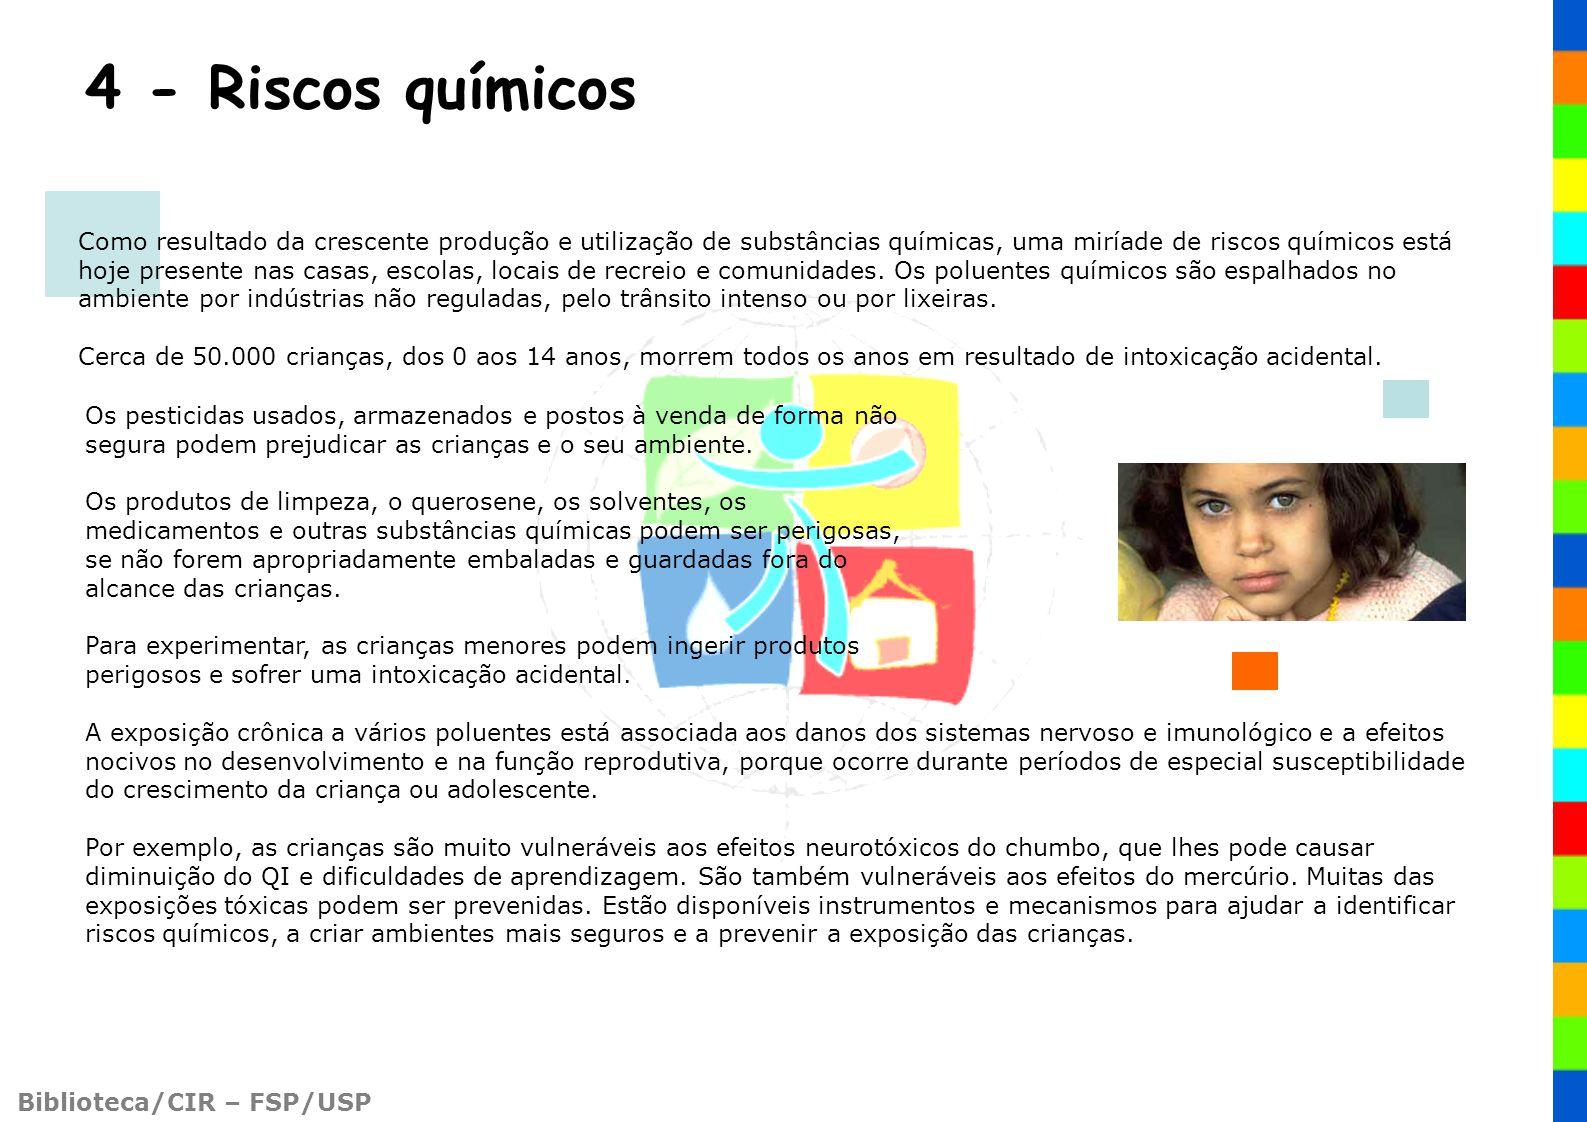 4 - Riscos químicos